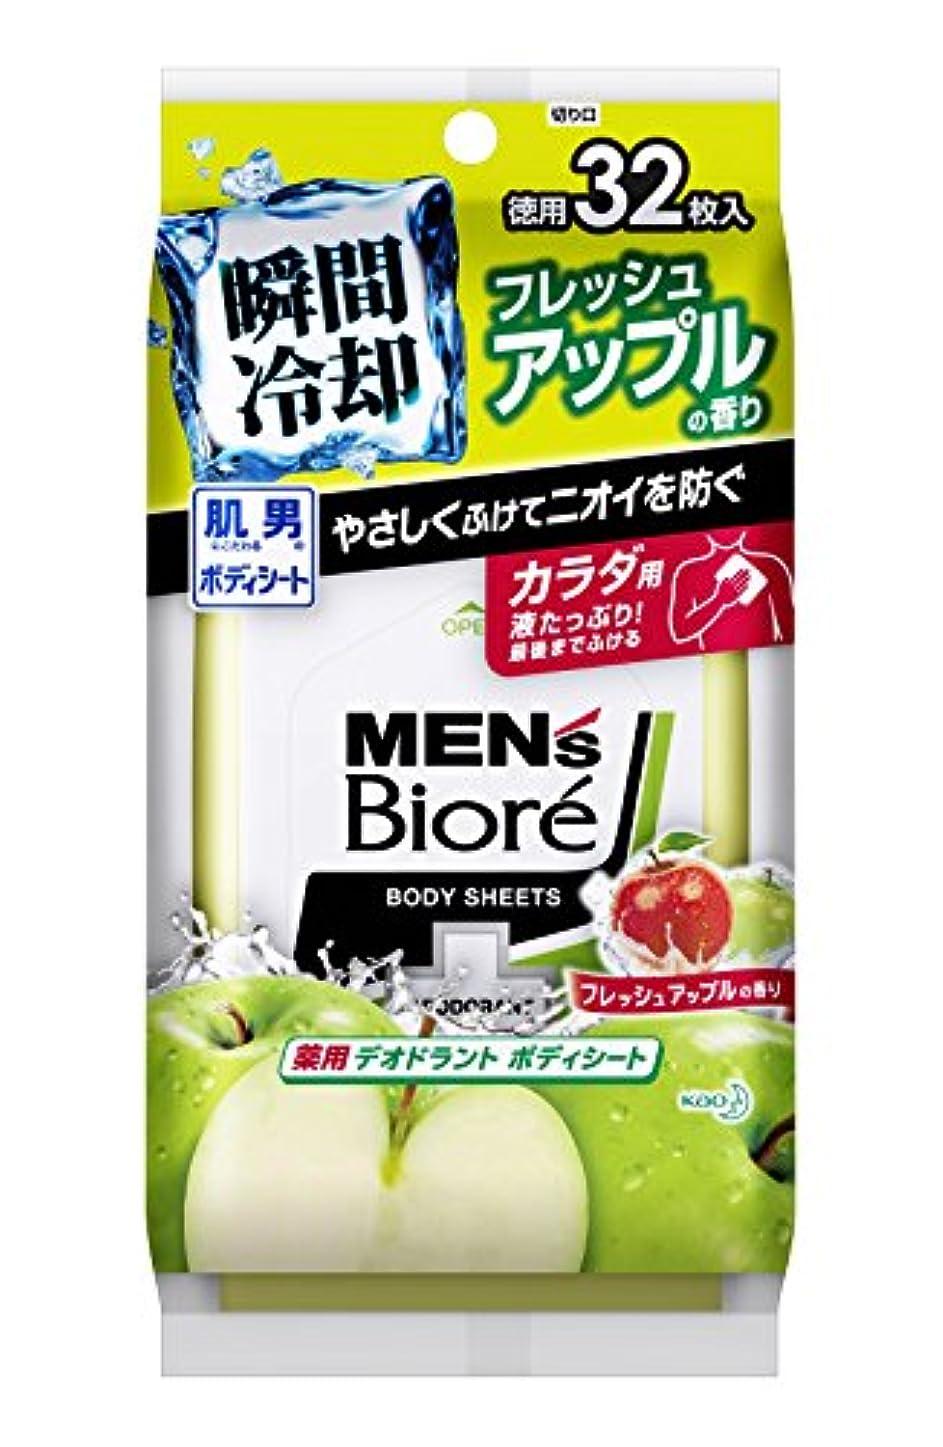 サバントパット精神メンズビオレ 薬用デオドラントボディシート フレッシュアップルの香り 32枚